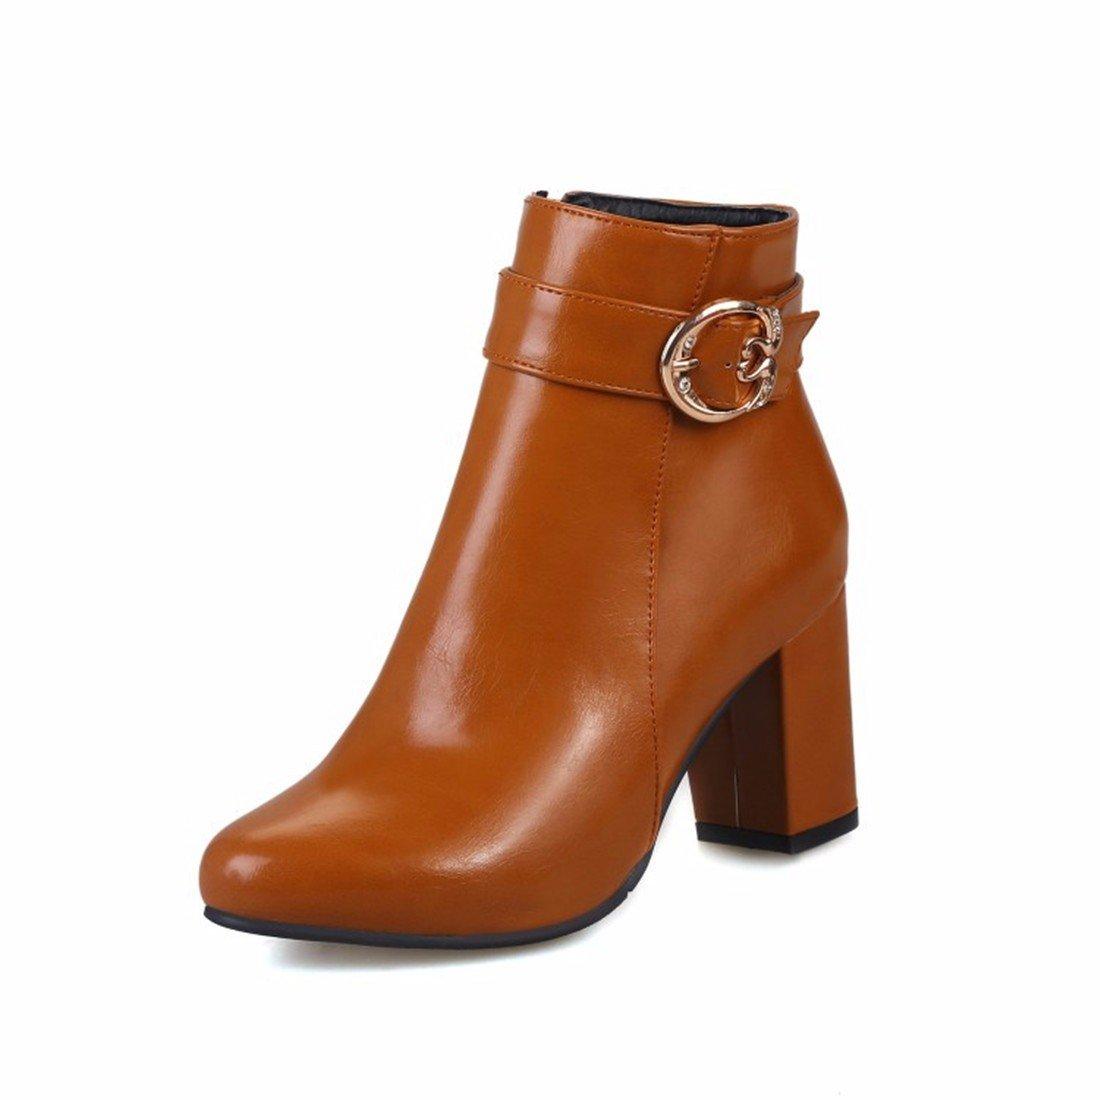 Herbst Damen Schuhe mit hohen Absätzen schnallen Stiefel Größe